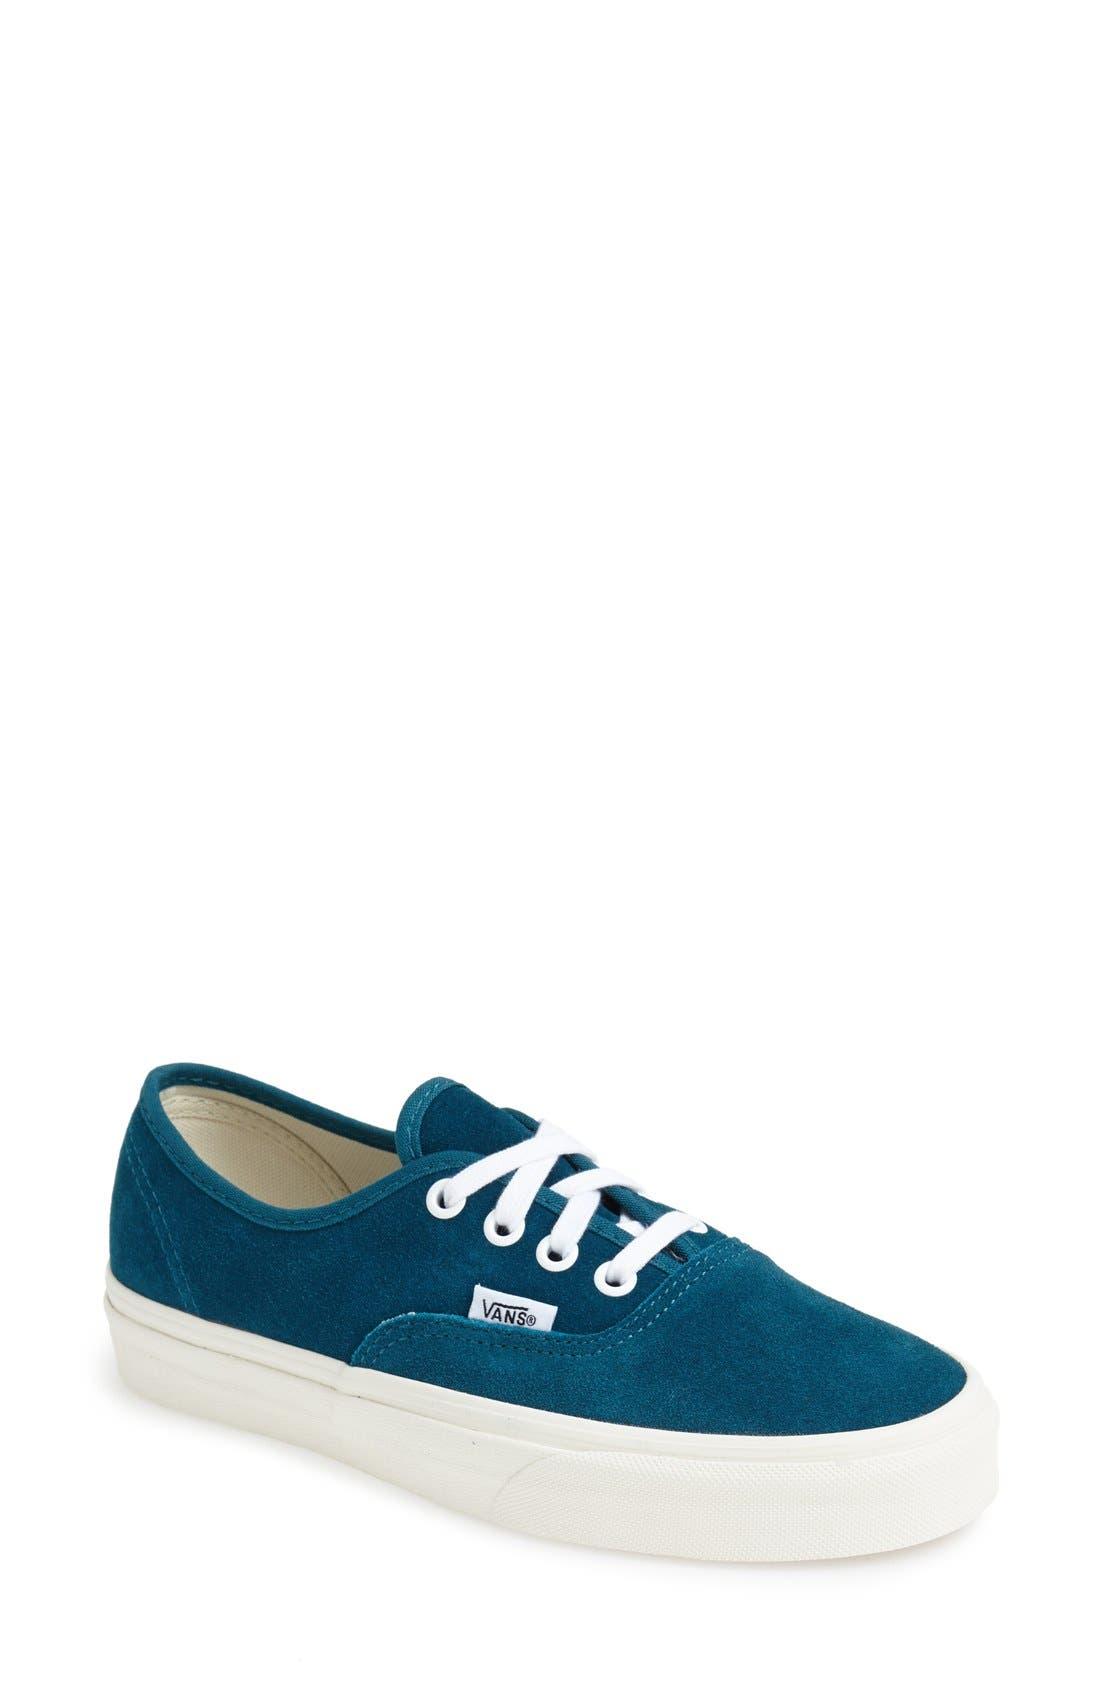 Alternate Image 1 Selected - Vans 'Vintage Suede Authentic' Sneaker (Women)